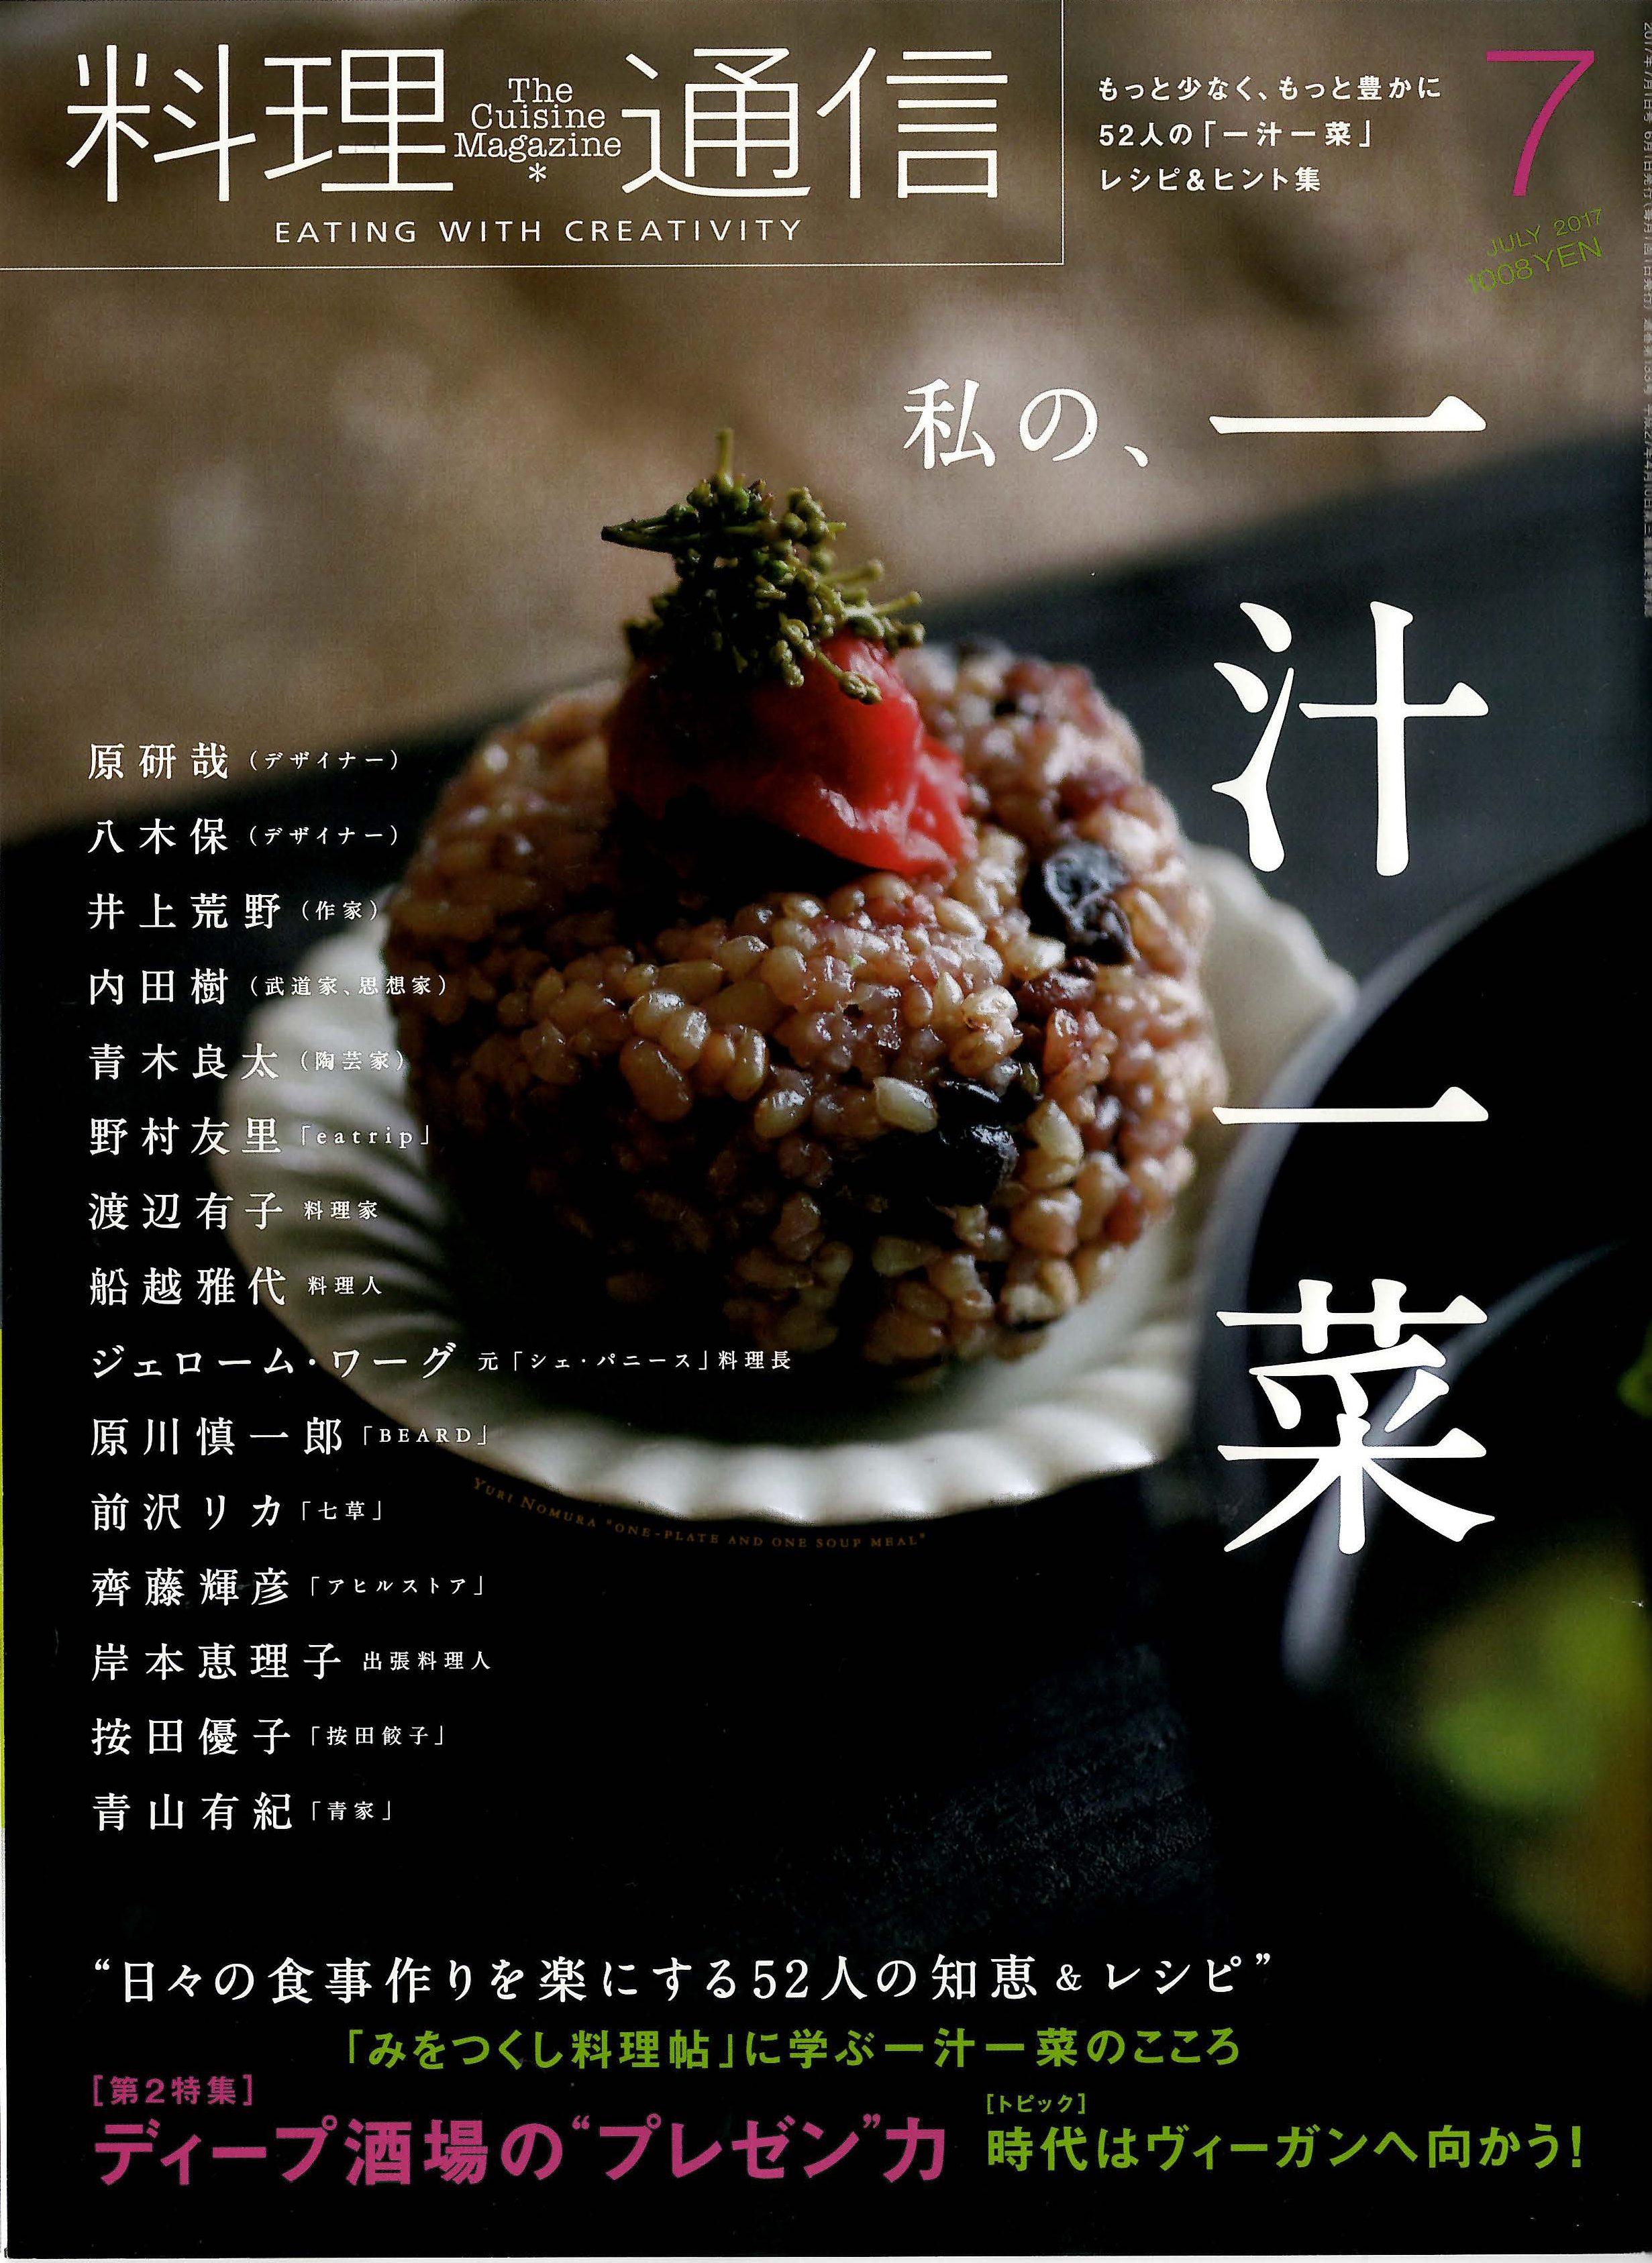 料理通信7月号にて寝かせ玄米をご紹介いただきました!